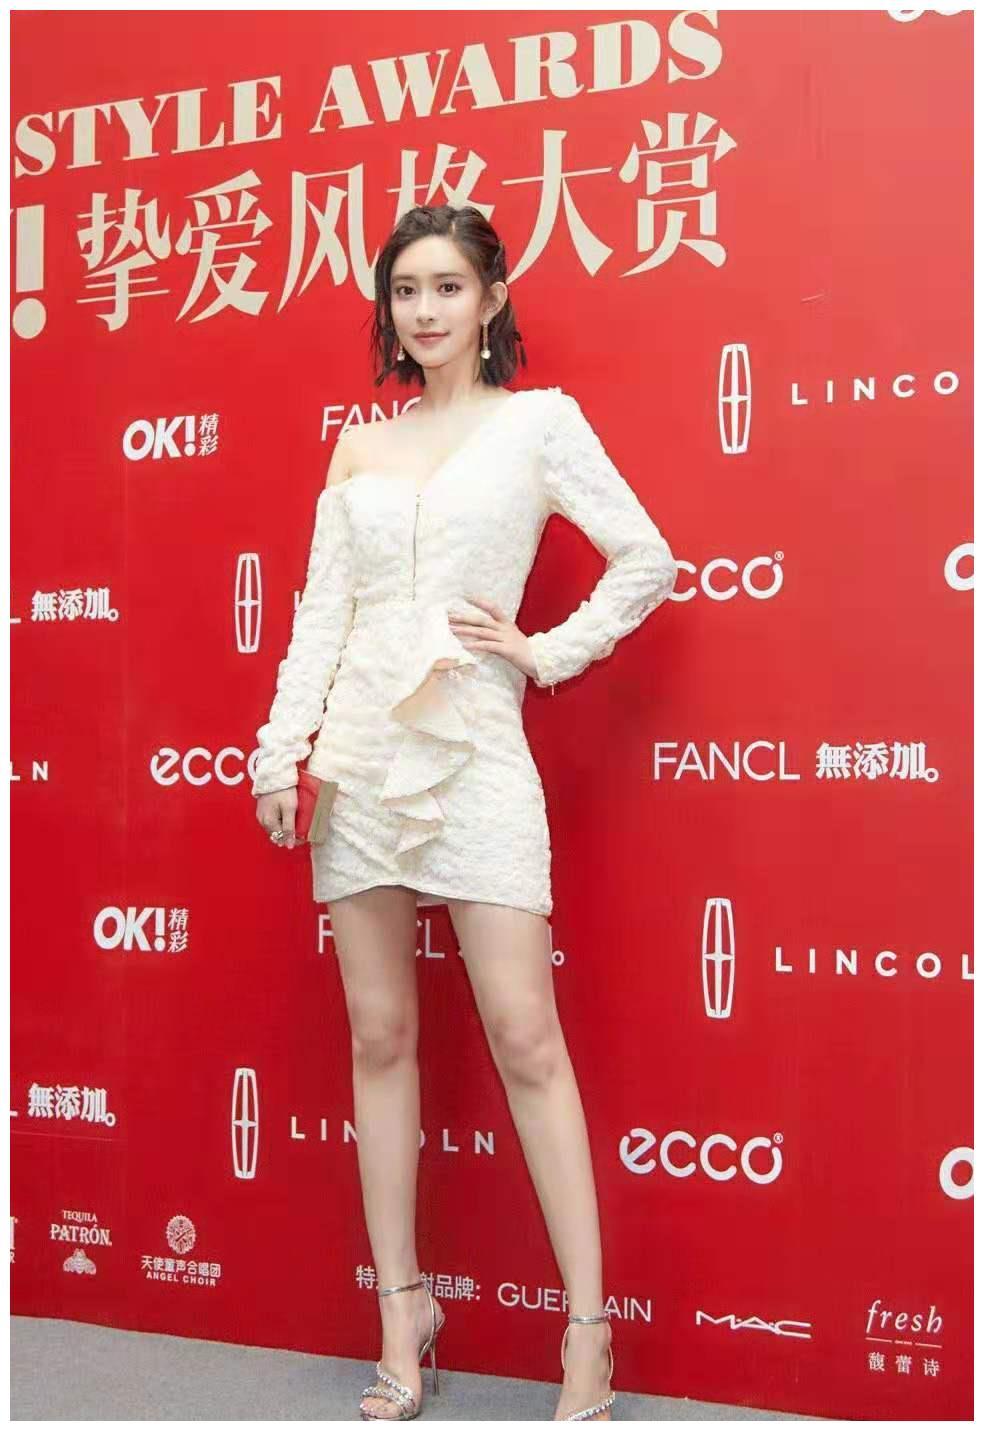 孟子义一件不对称拉链白色连身裙秀美腿,青春少女感不减